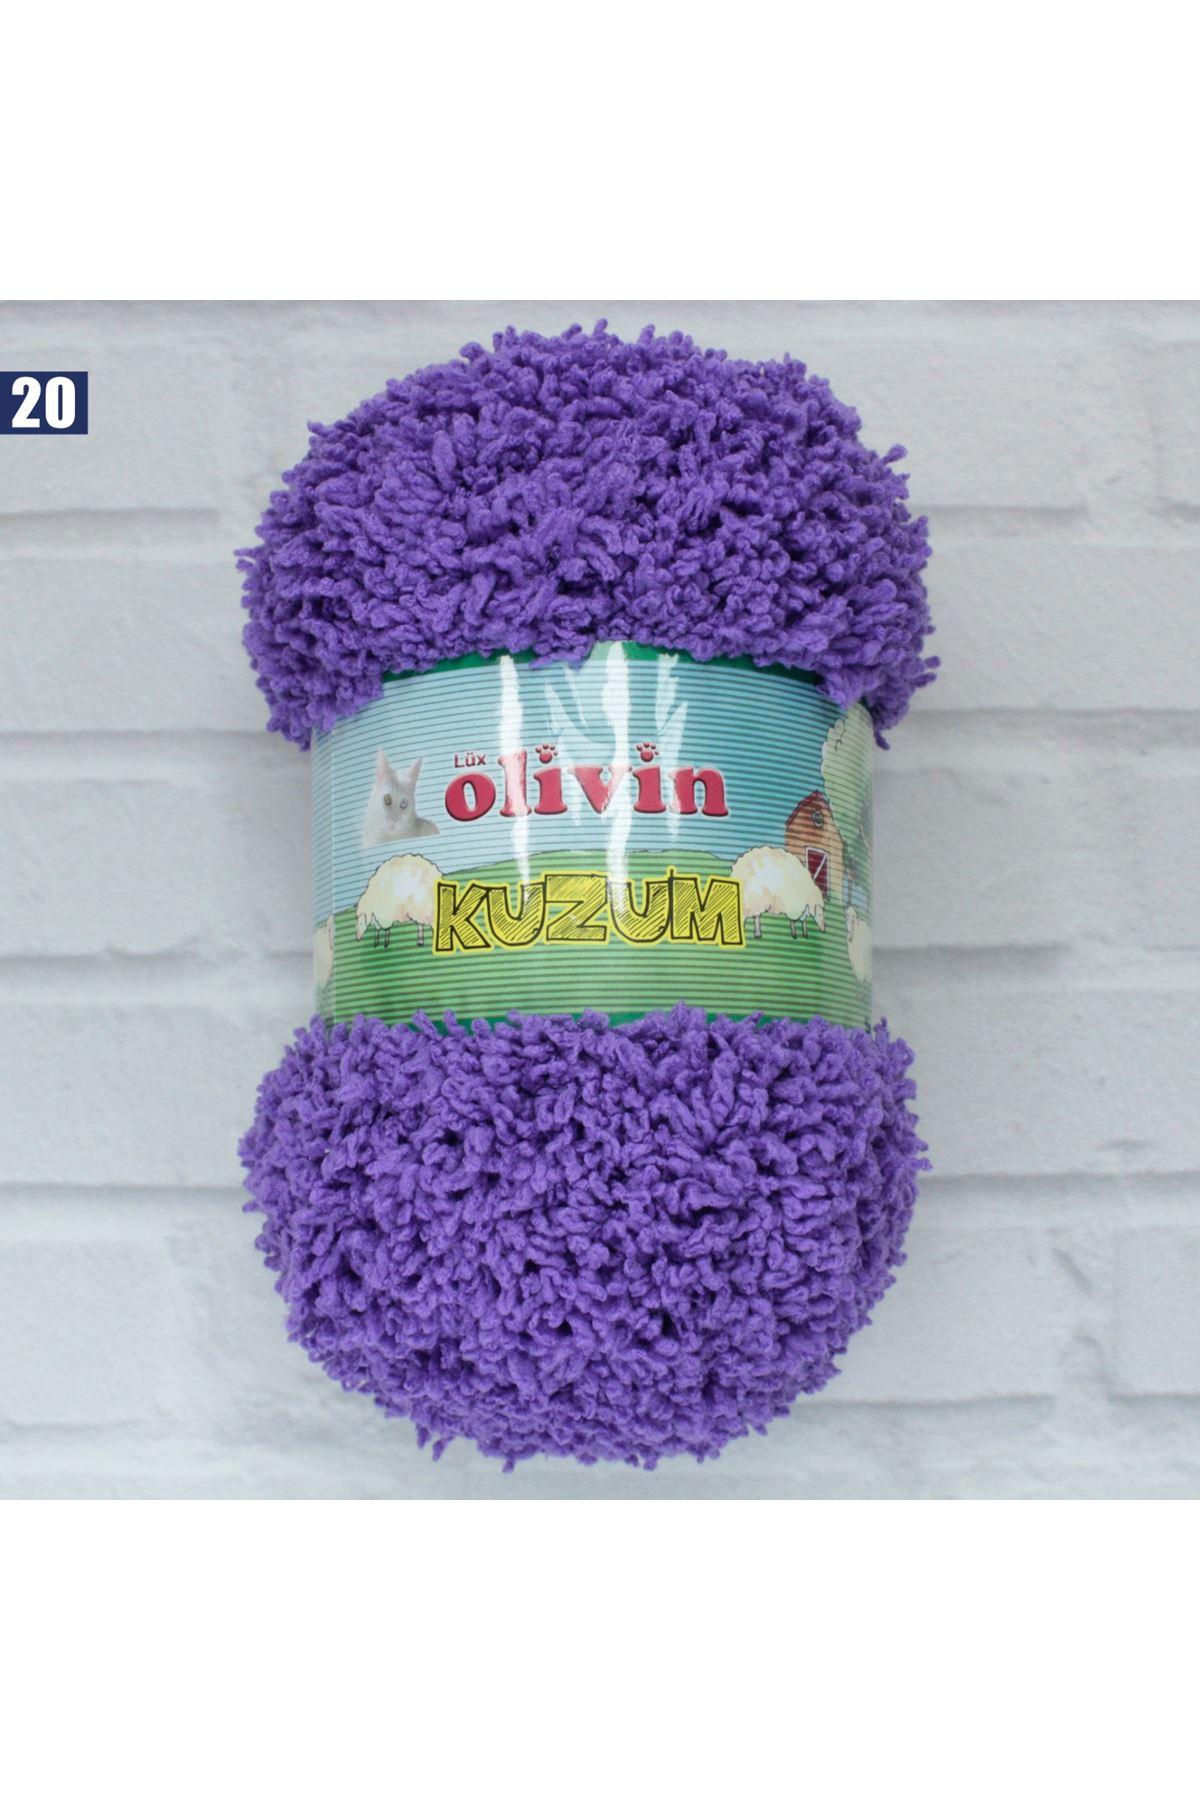 Olivin Kuzum 20